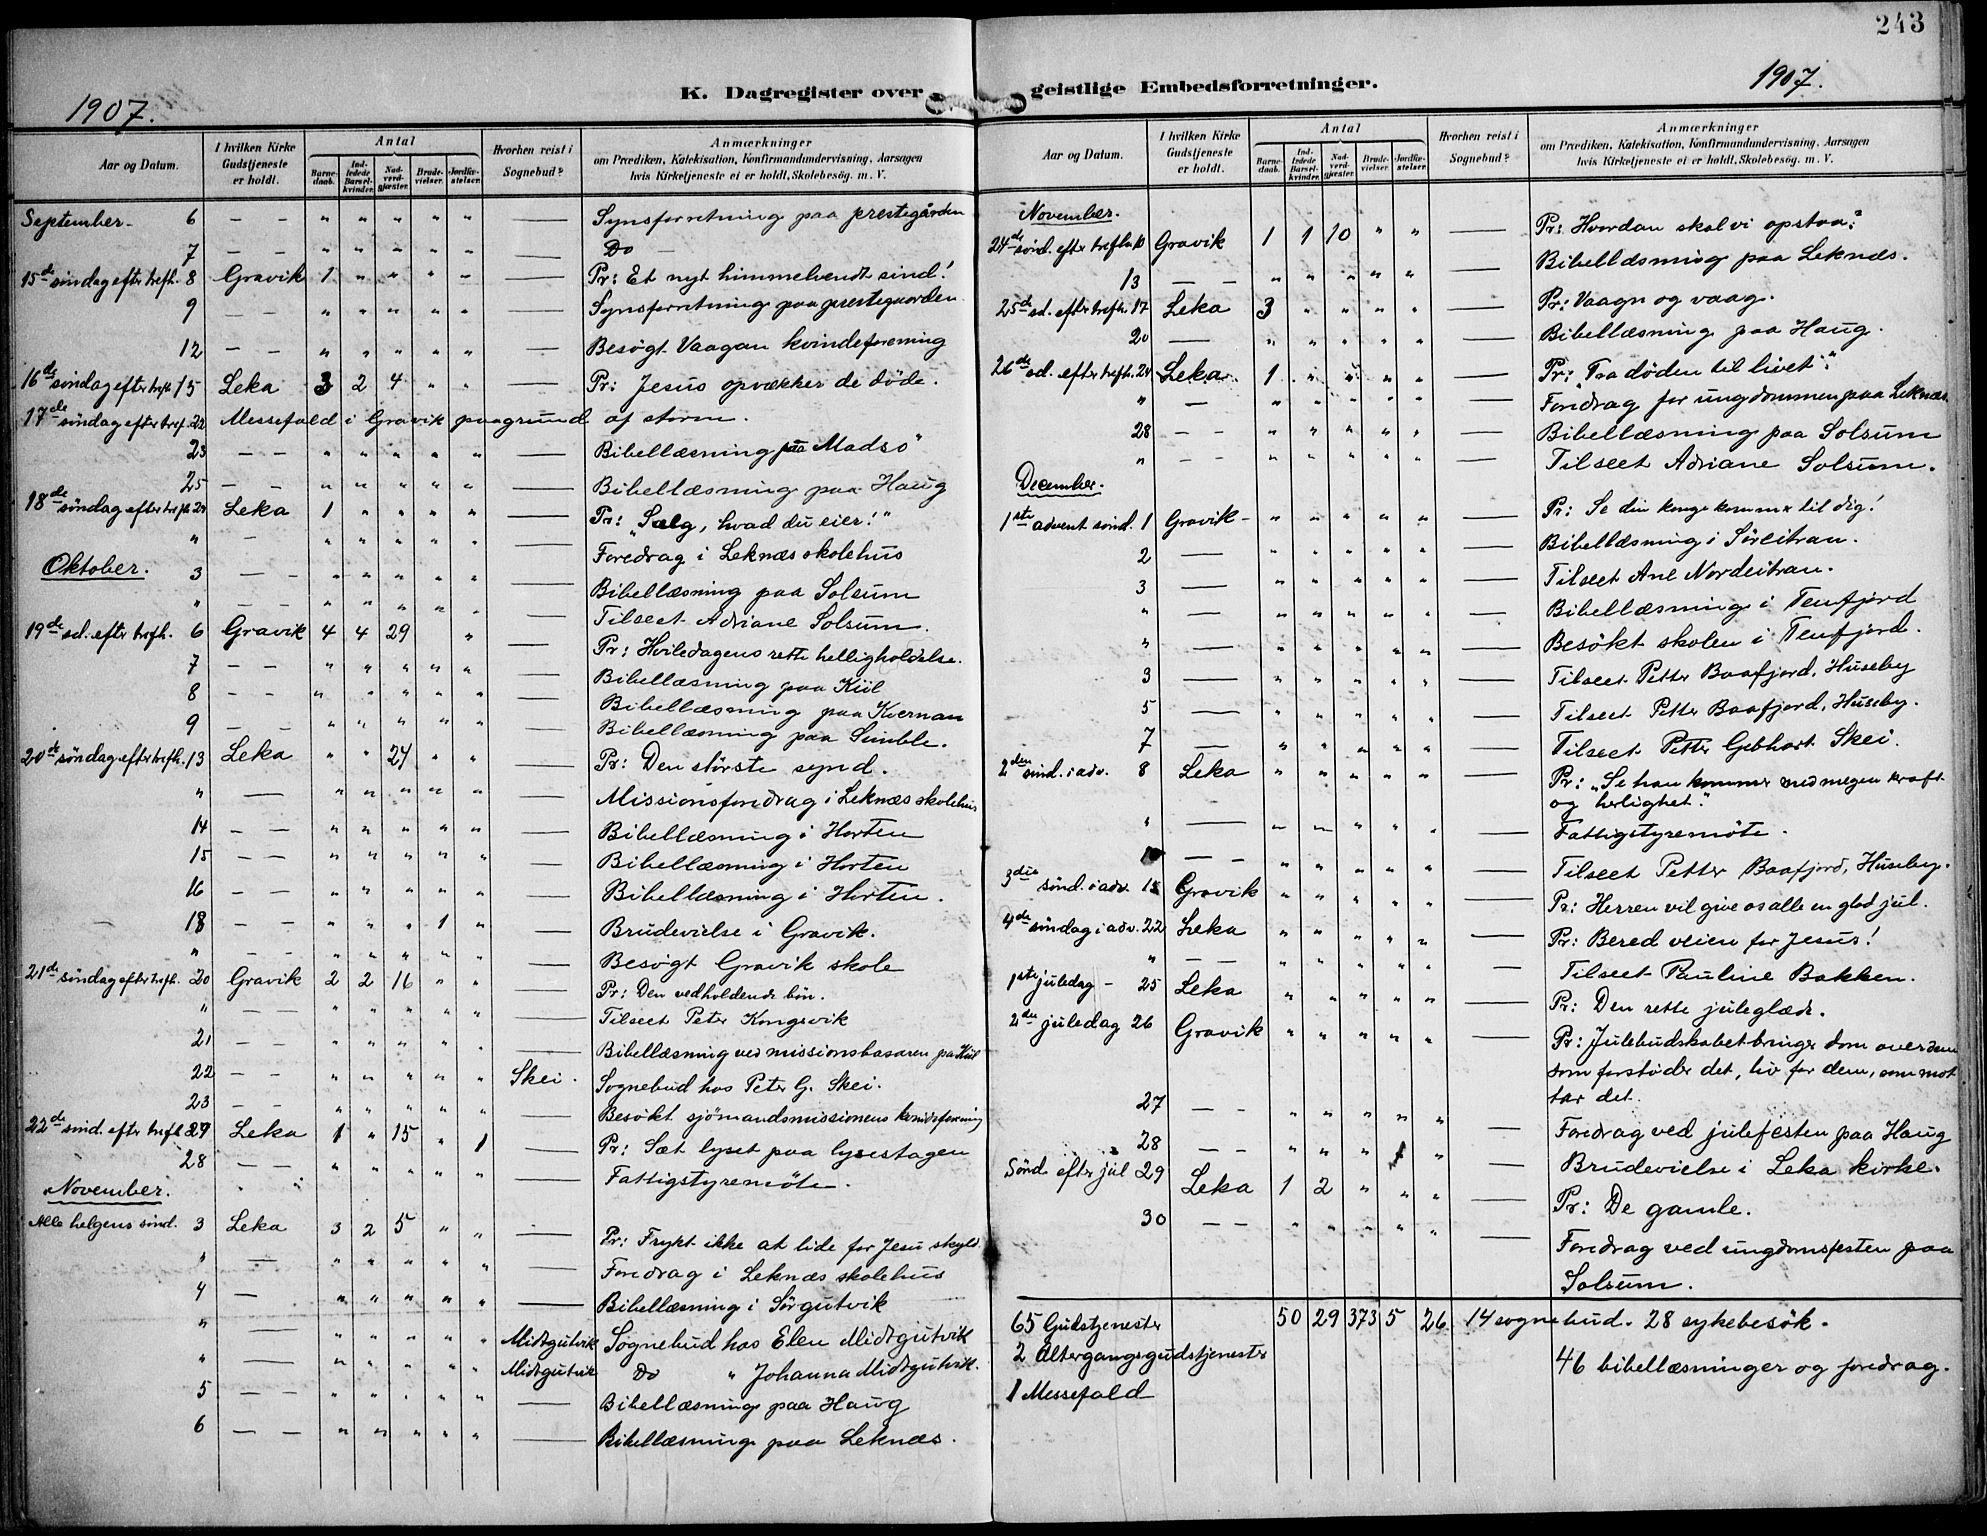 SAT, Ministerialprotokoller, klokkerbøker og fødselsregistre - Nord-Trøndelag, 788/L0698: Ministerialbok nr. 788A05, 1902-1921, s. 243